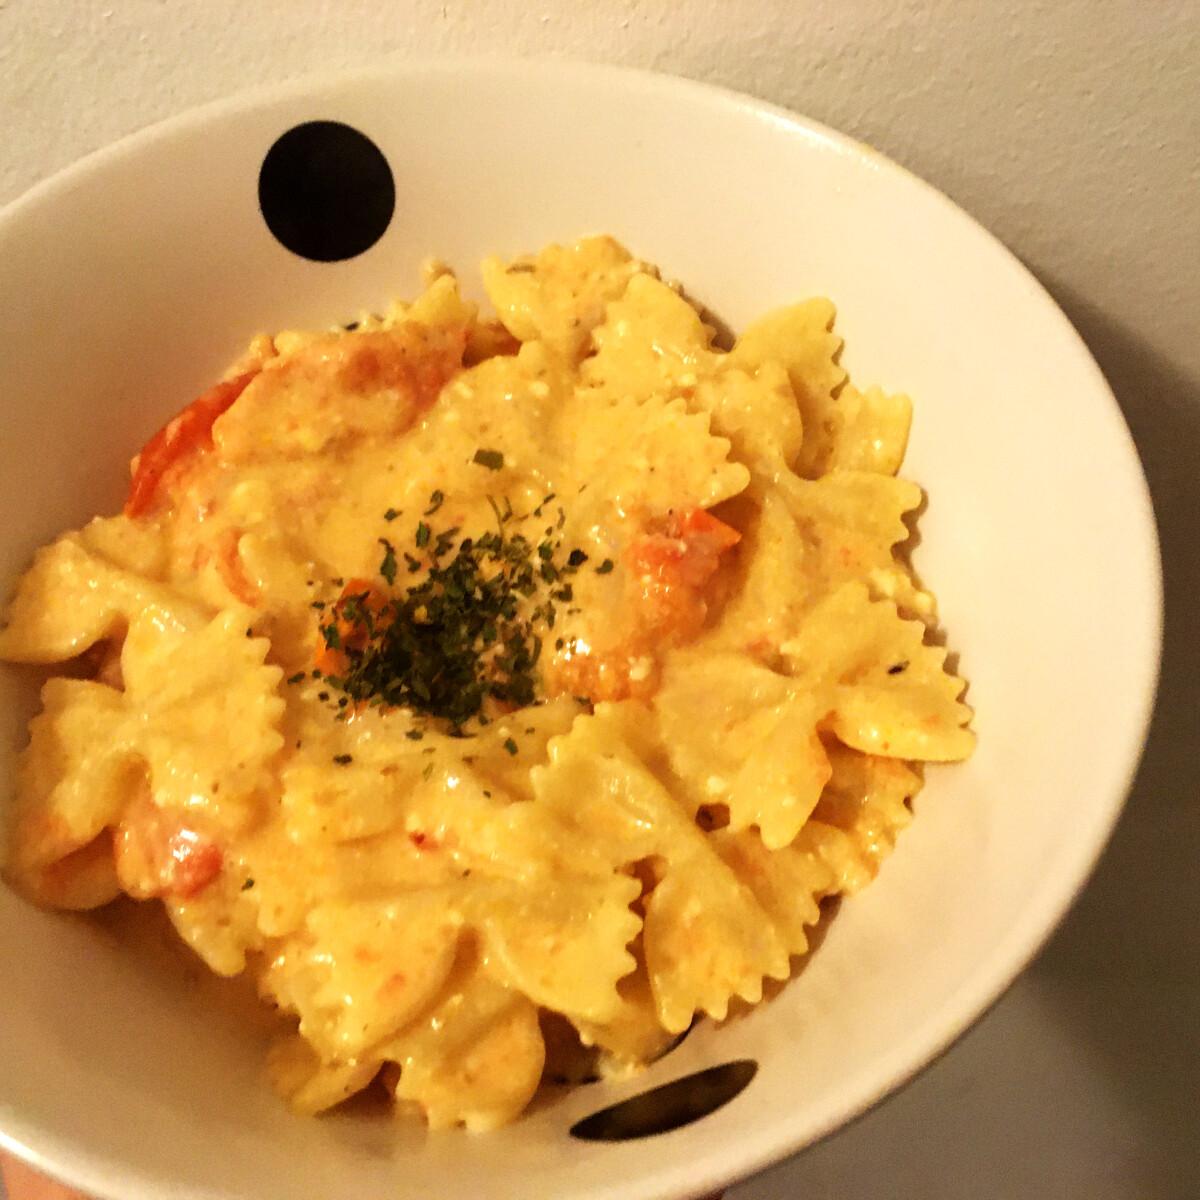 Ezen a képen: Sült fetás, paradicsomos tészta